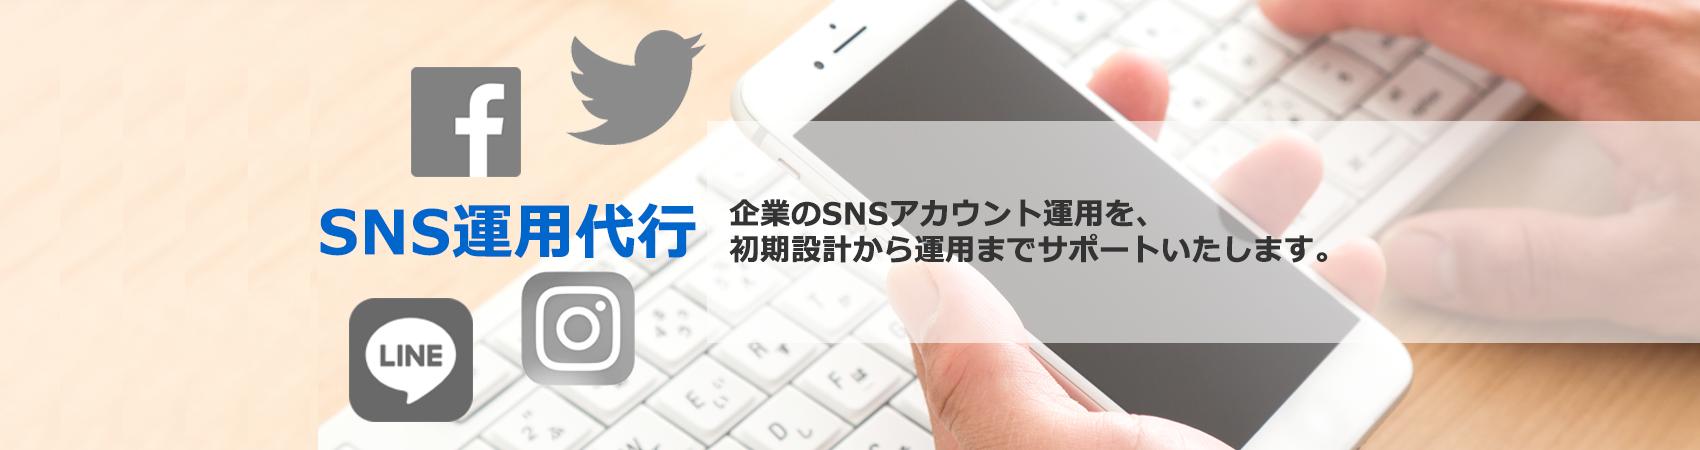 adishのSNS運用代行:初期設計、投稿ライティング、SNS広告運用、キャンペーン実施を貴社フェースに合わせてご提案します。